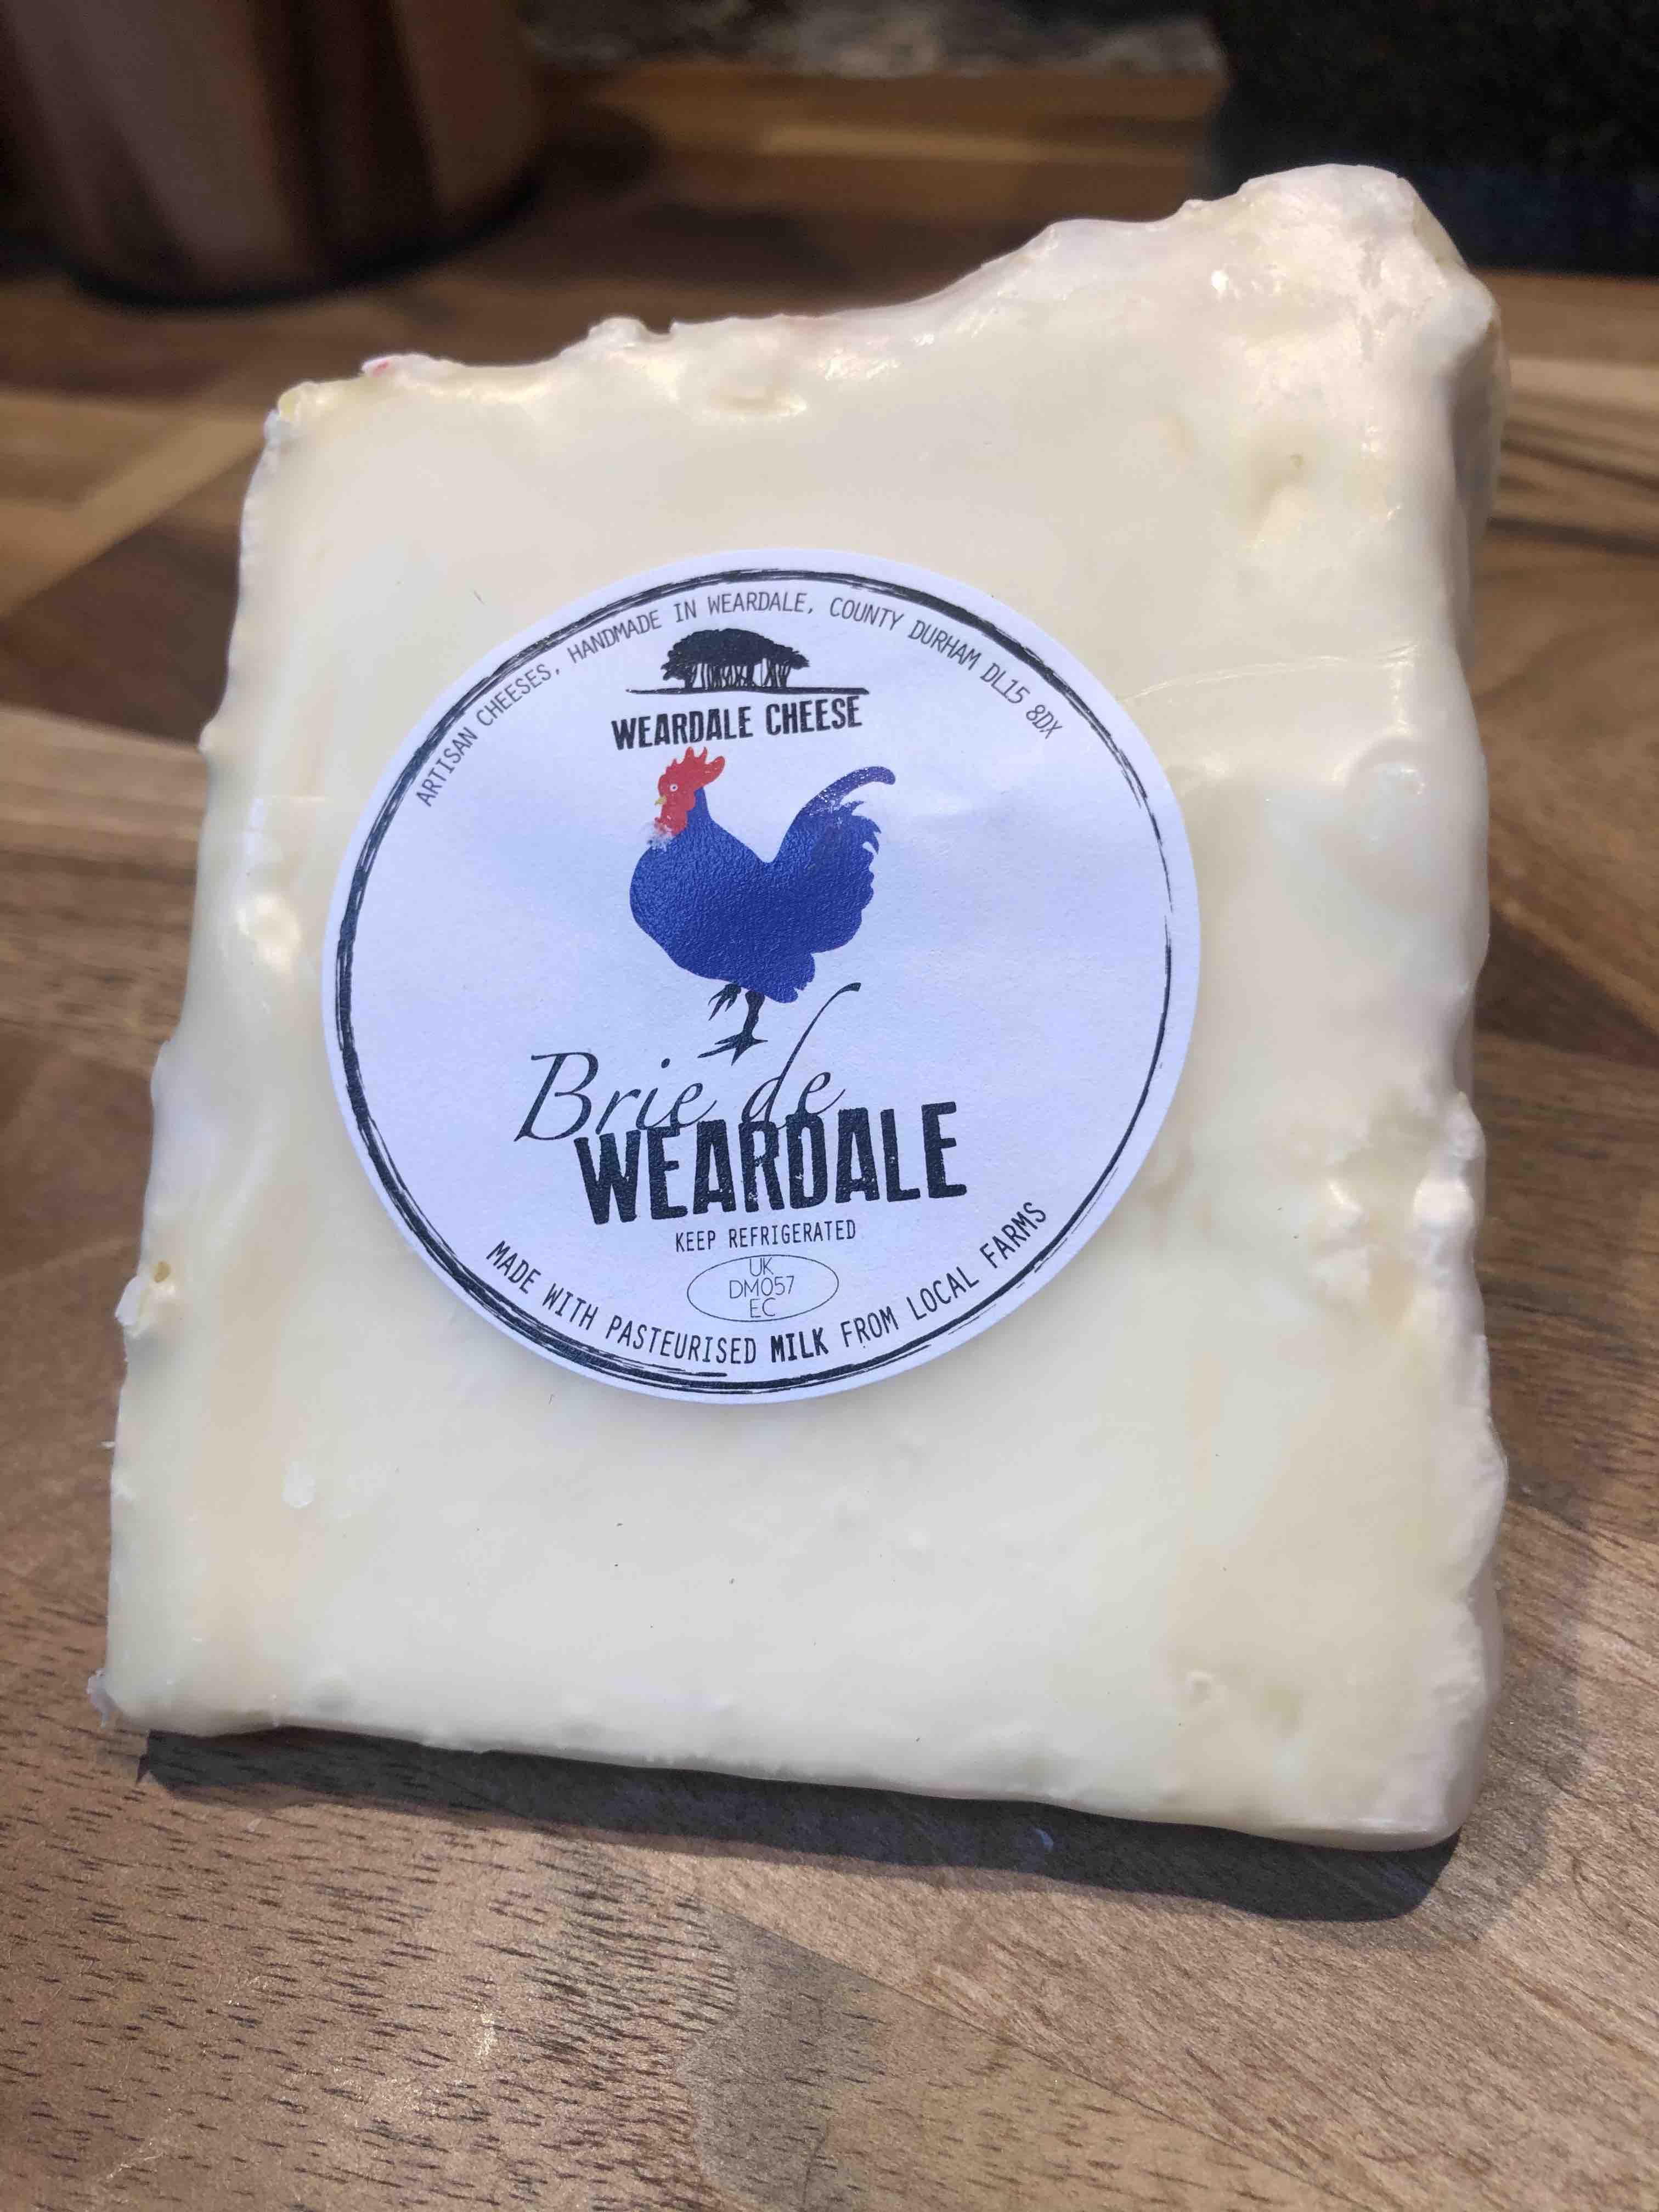 Weardale Cheese 'Brie de Weardale' (160g)